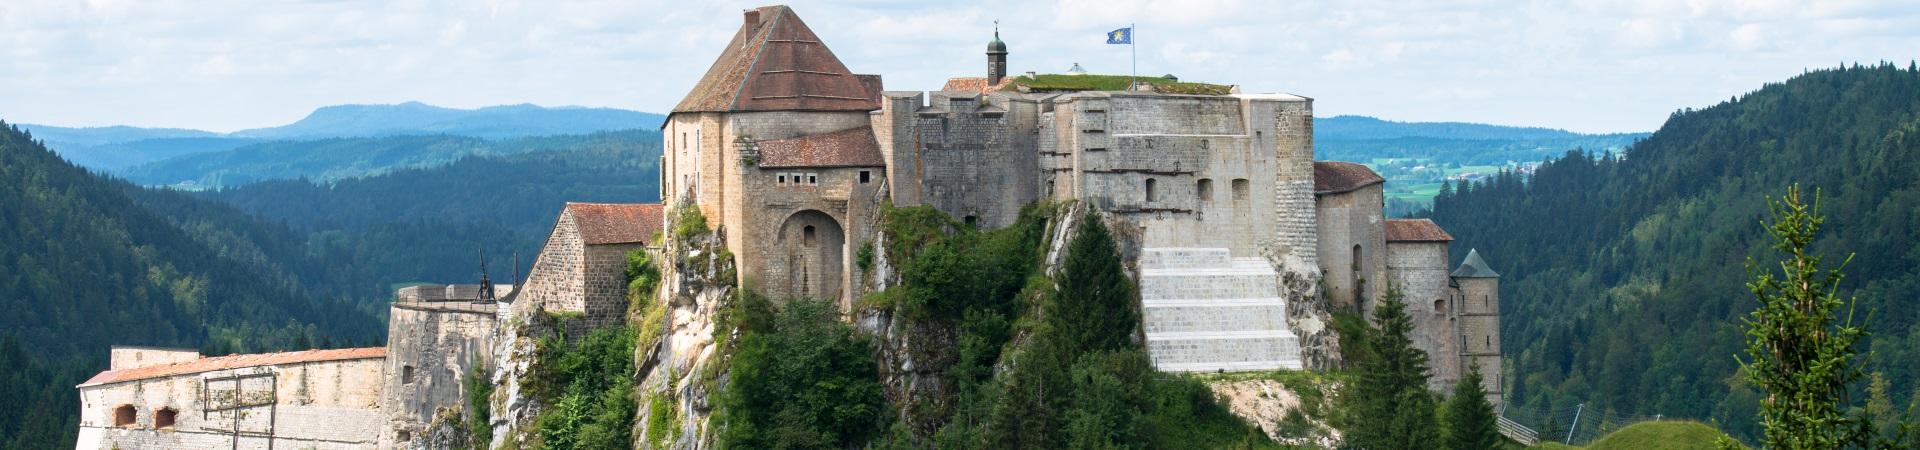 Photo Melodie Pardonnet, Juillet 2016,Vue depuis Fort Mallare, Vue depuis Larmont, Haut Doubs, Chateau de Joux